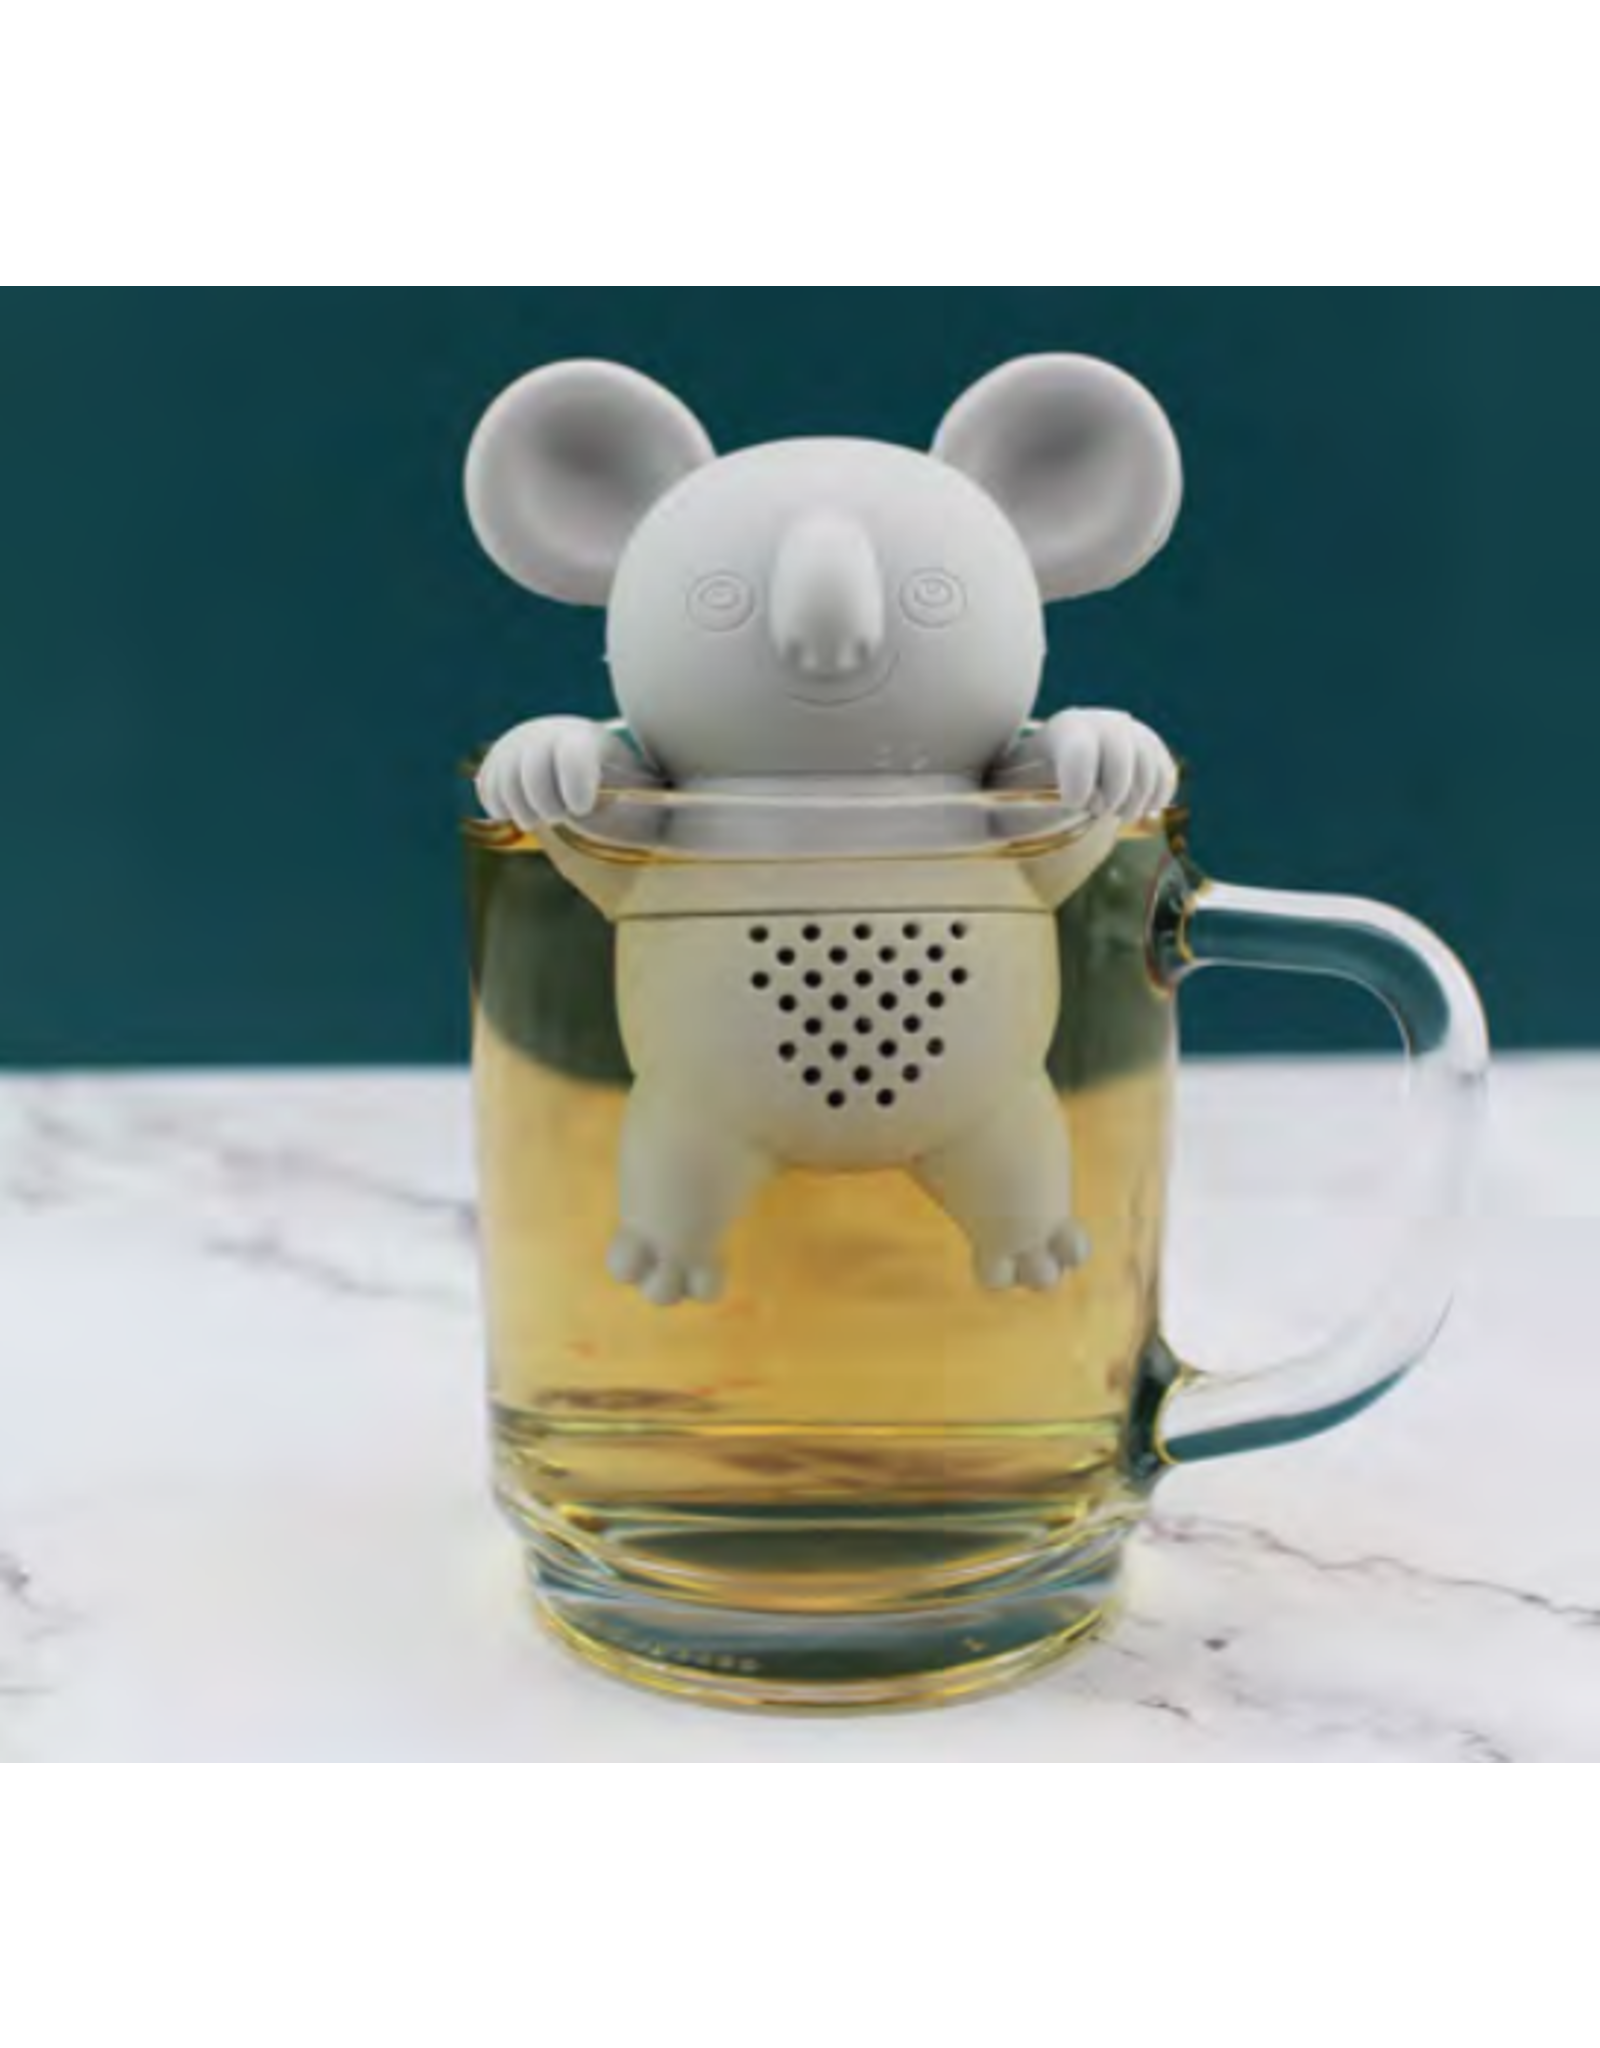 tea infuser - koala